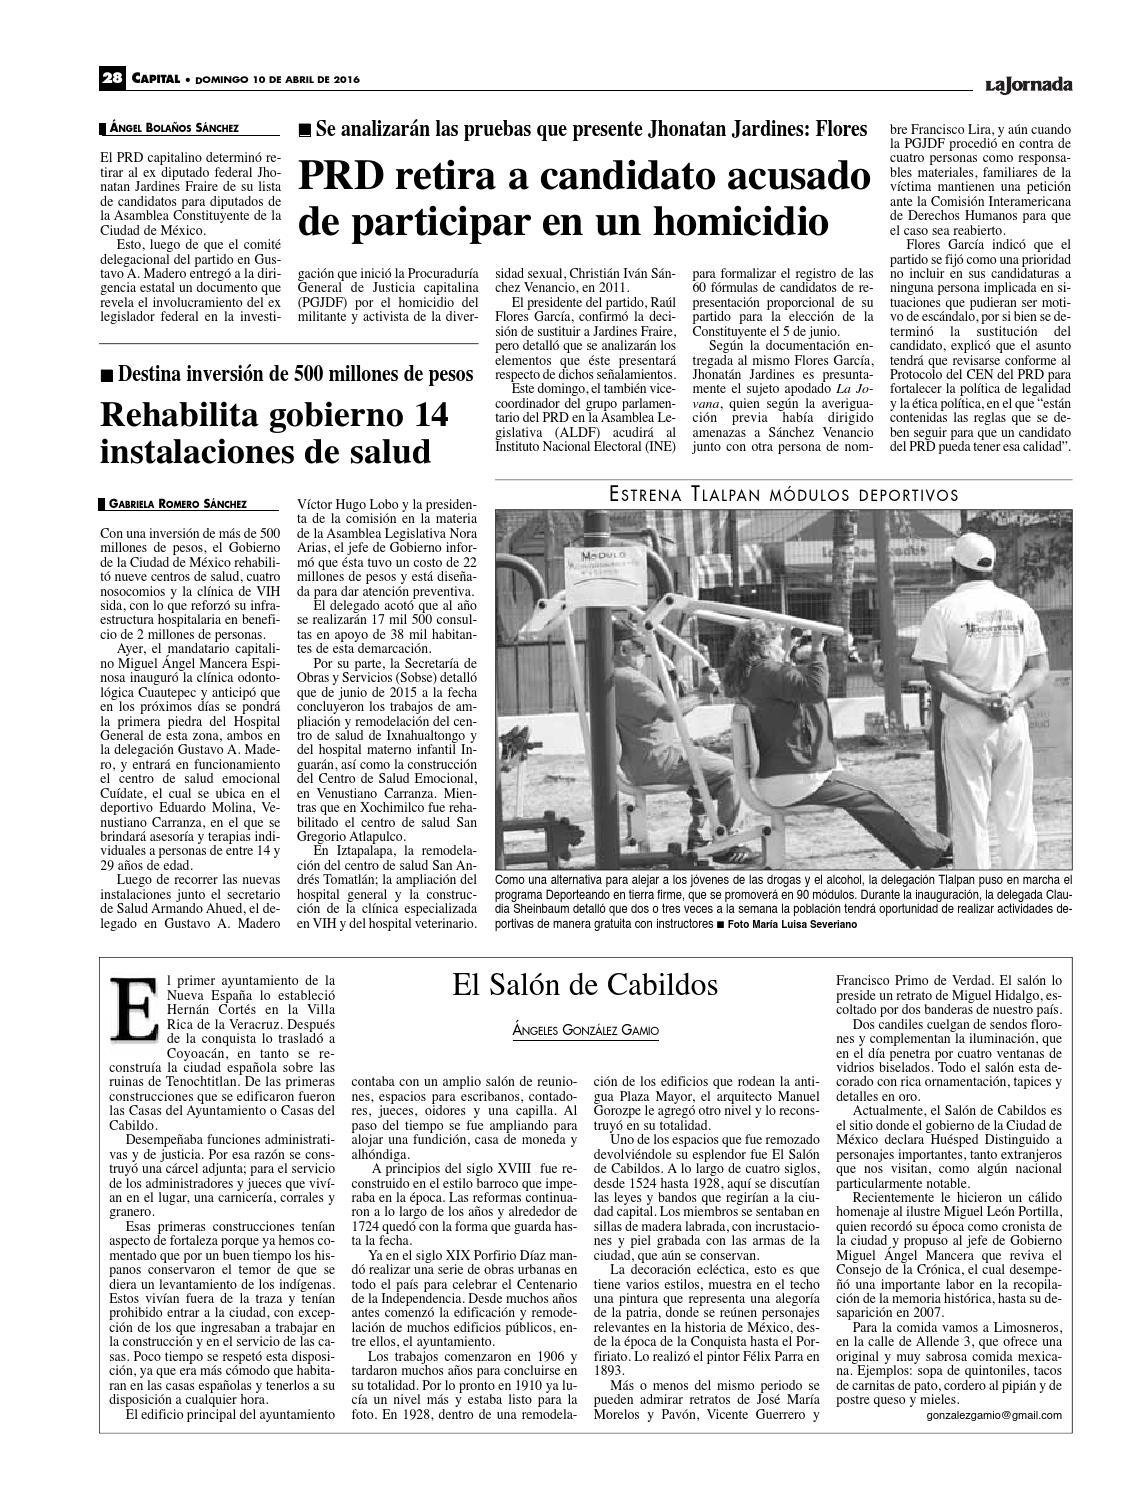 La Jornada 04 10 2016 By La Jornada Issuu